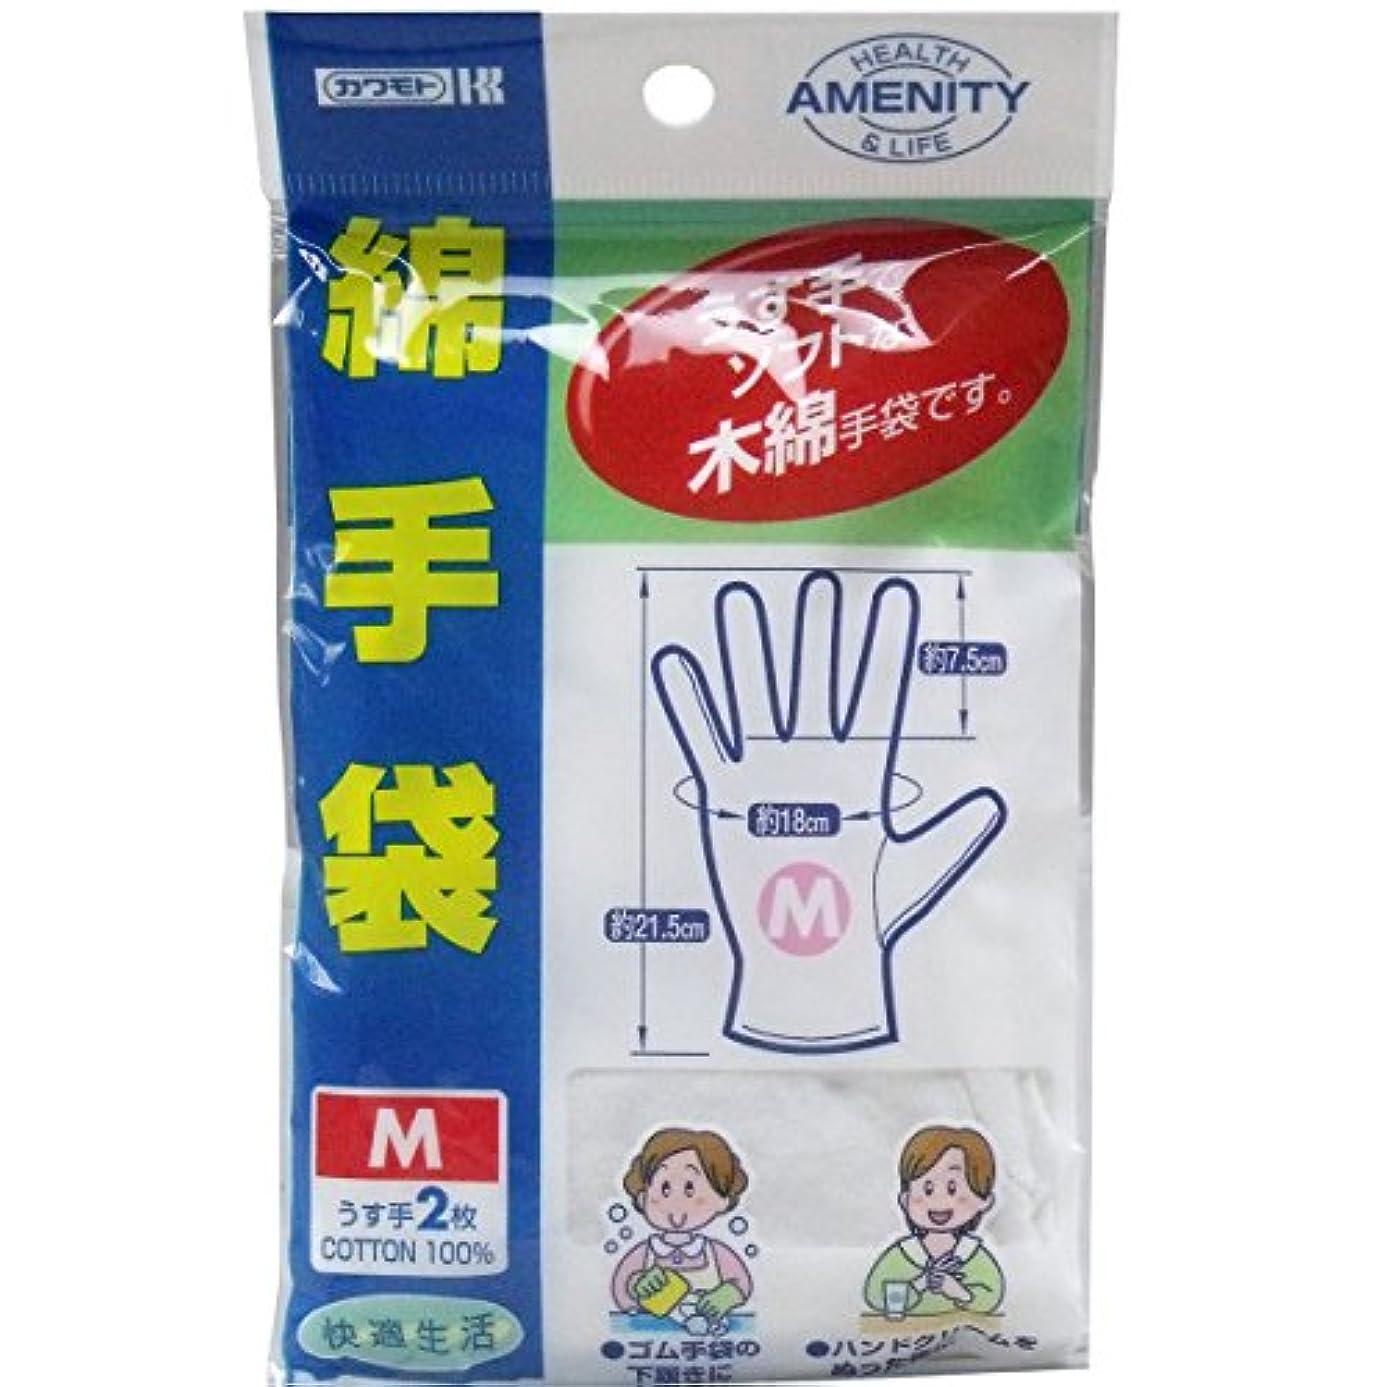 品揃え生産性コメント【セット品】綿手袋 Mサイズ うす手2枚入 7個